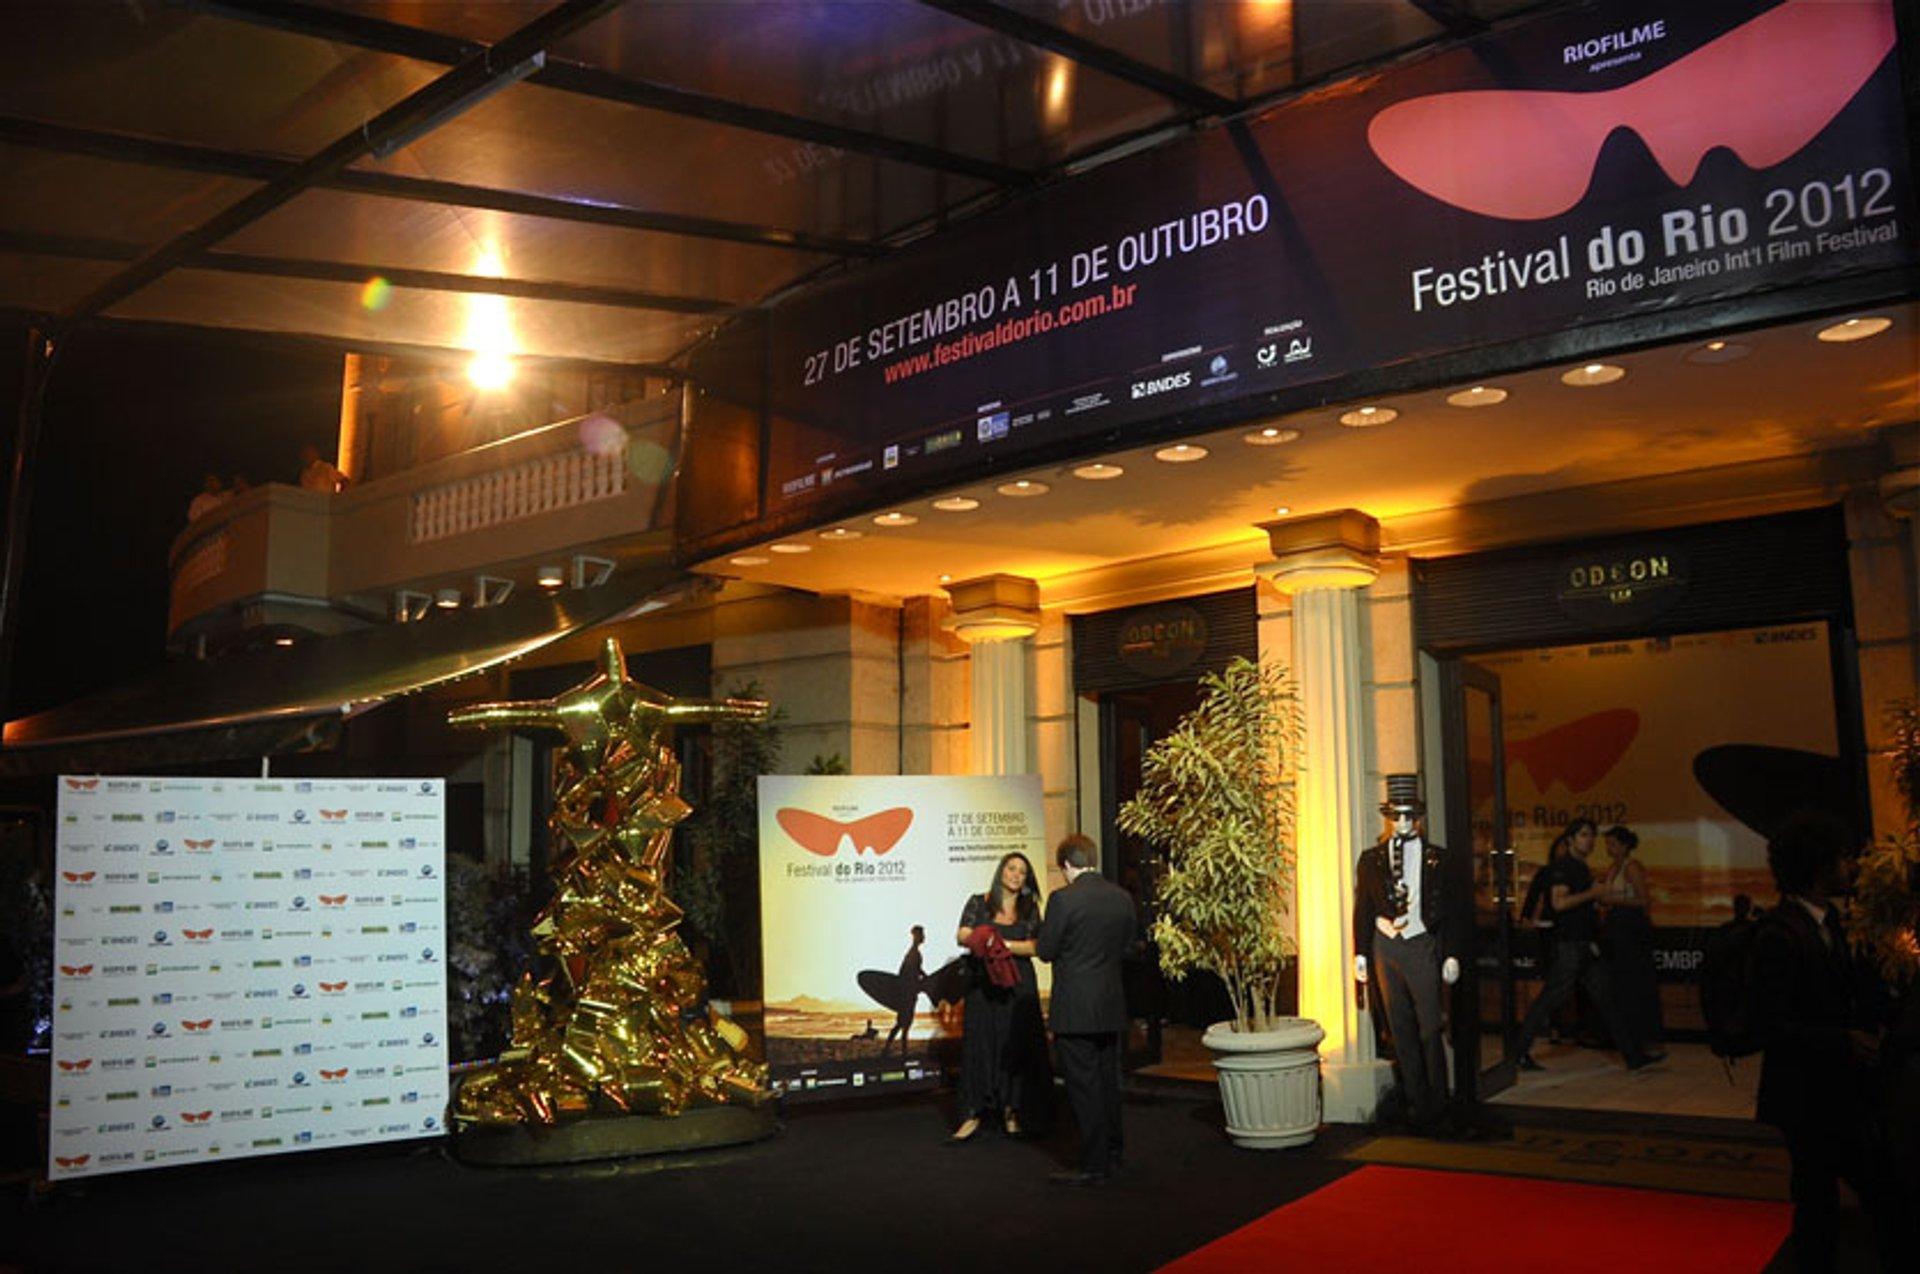 Festival do Rio l Rio de Janeiro Int'l Film Festival in Rio de Janeiro - Best Season 2020